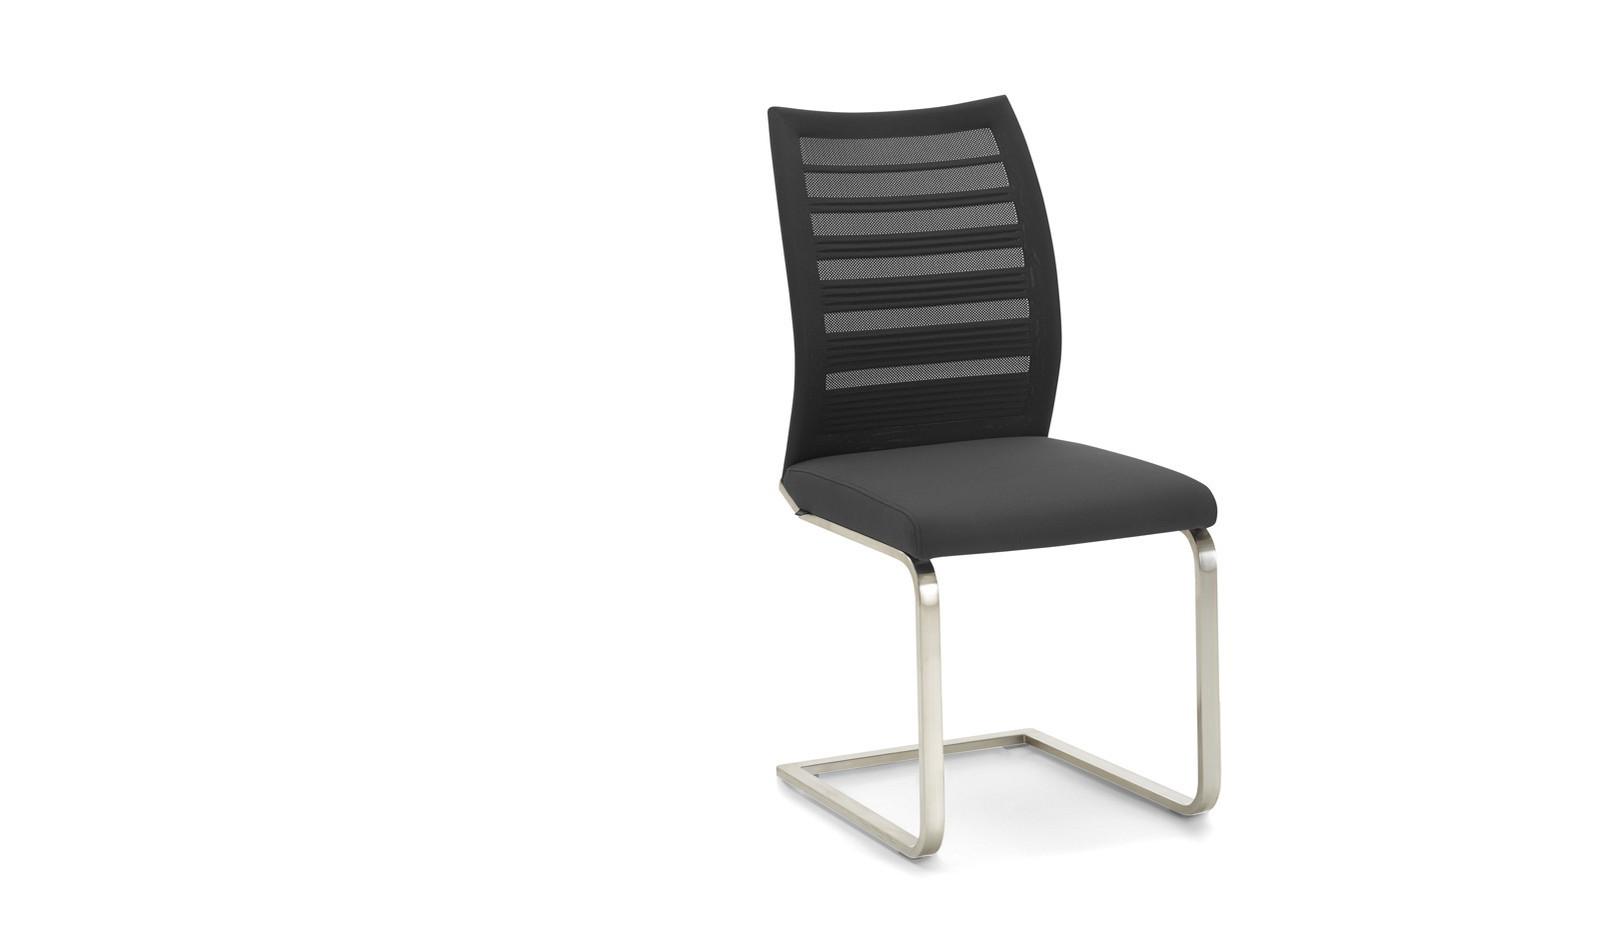 Stuhl mit hoher sitzh he machen sie den preisvergleich for Hoher stuhl mit armlehne